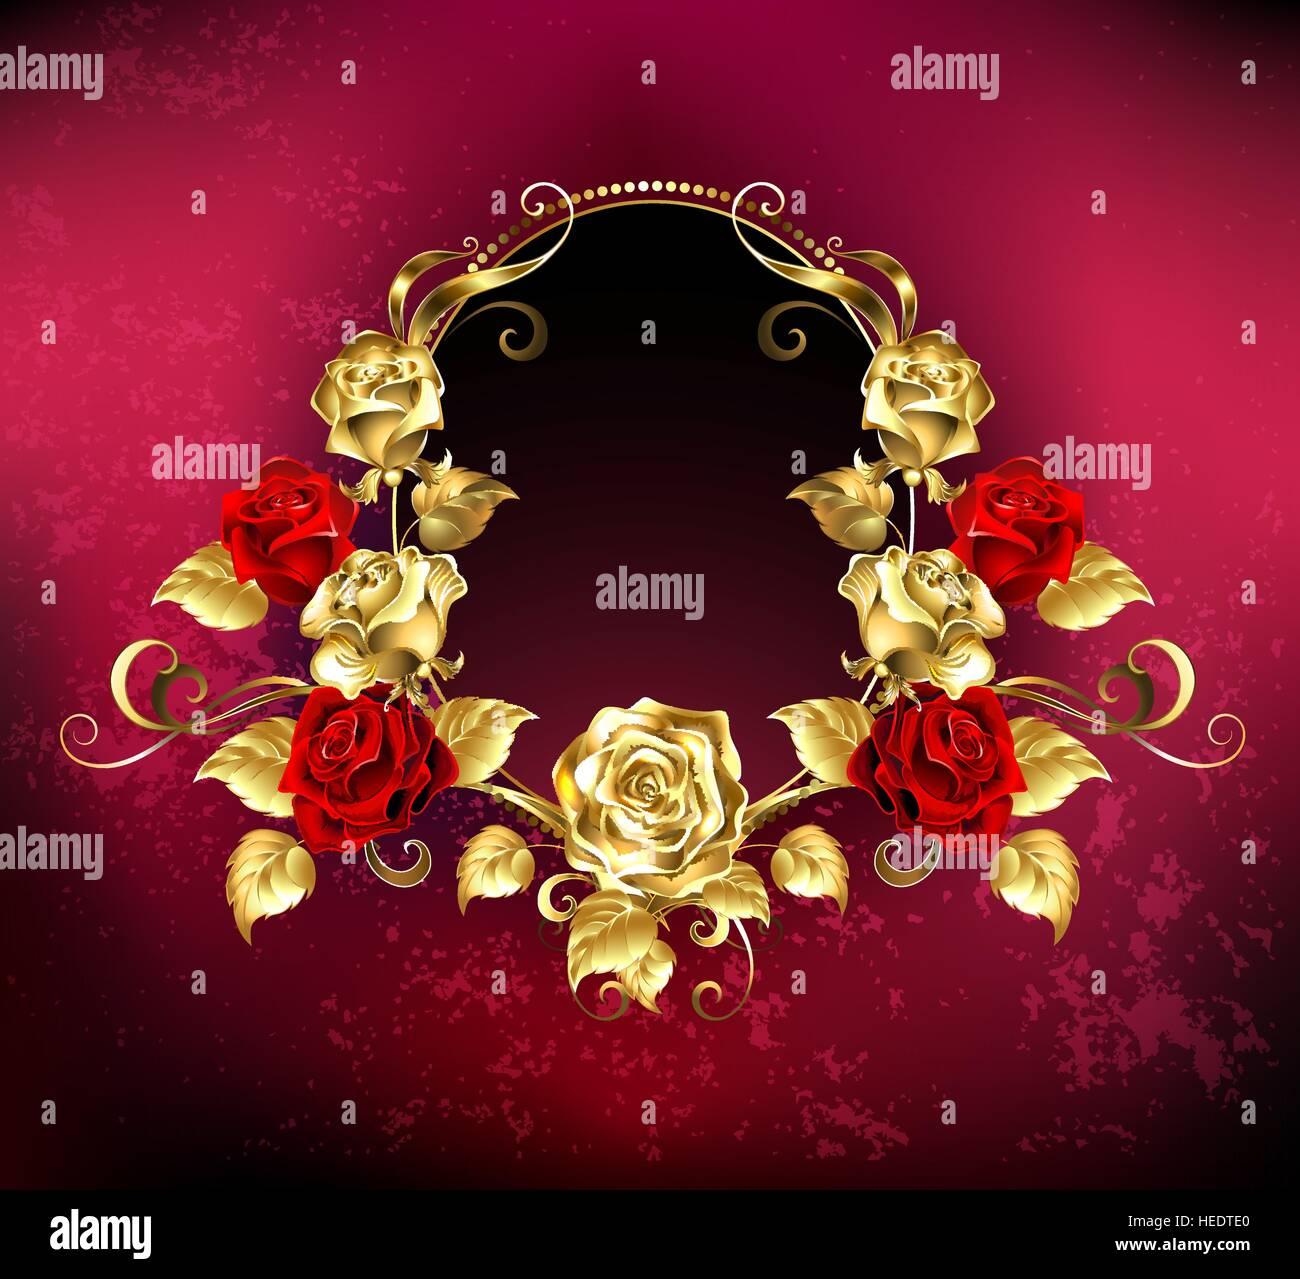 El rojo Óvalo banner con marco dorado decorado con oro y rosas rojas ...